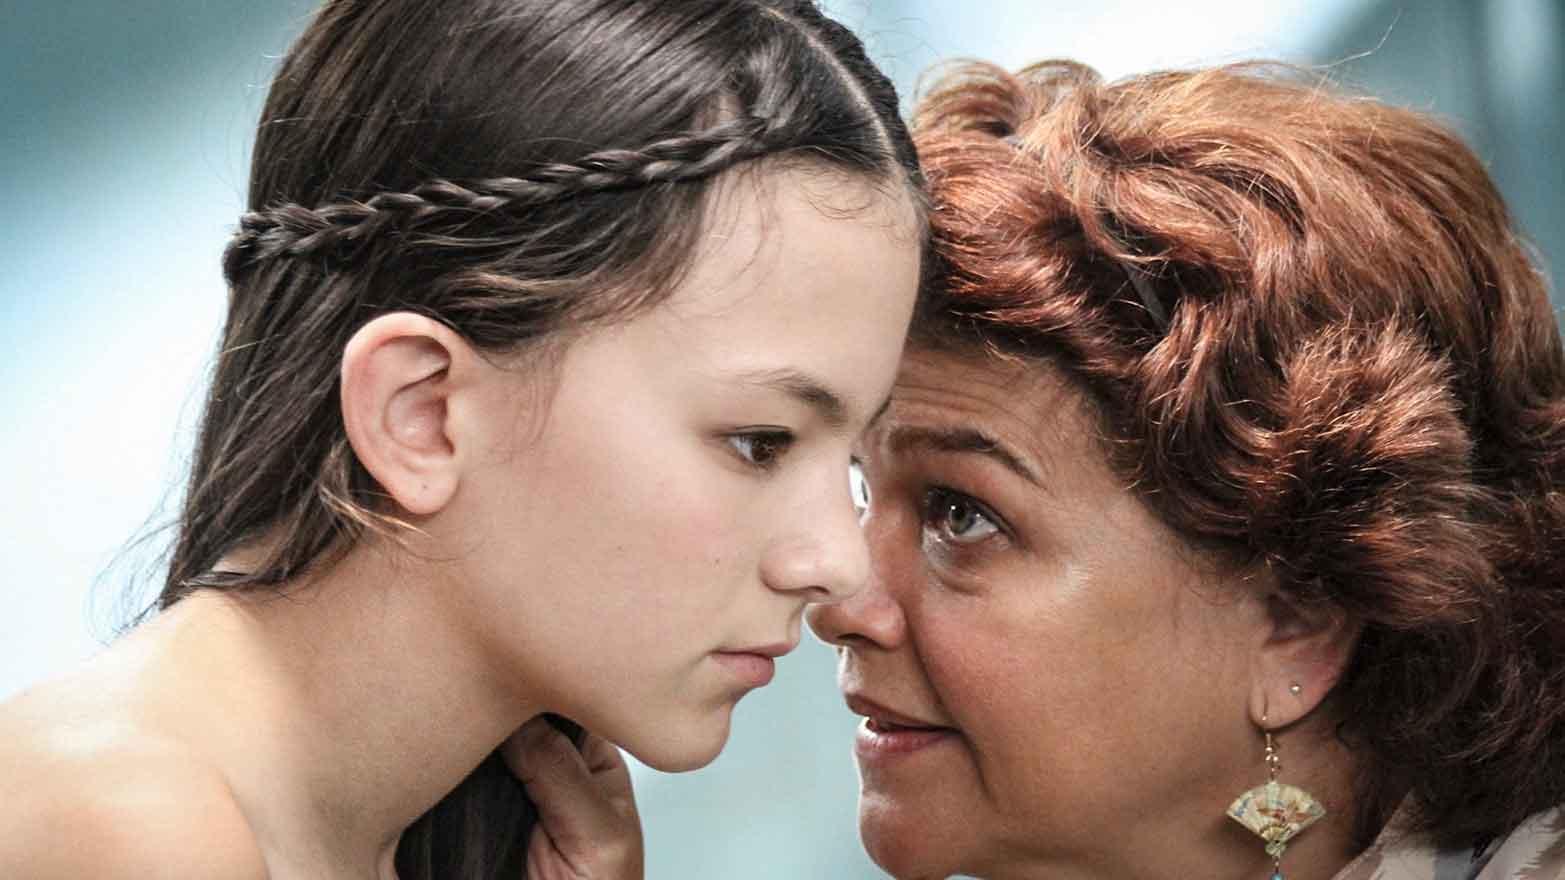 artículo sobre la película Gilma venezolana de Alexandra Henao